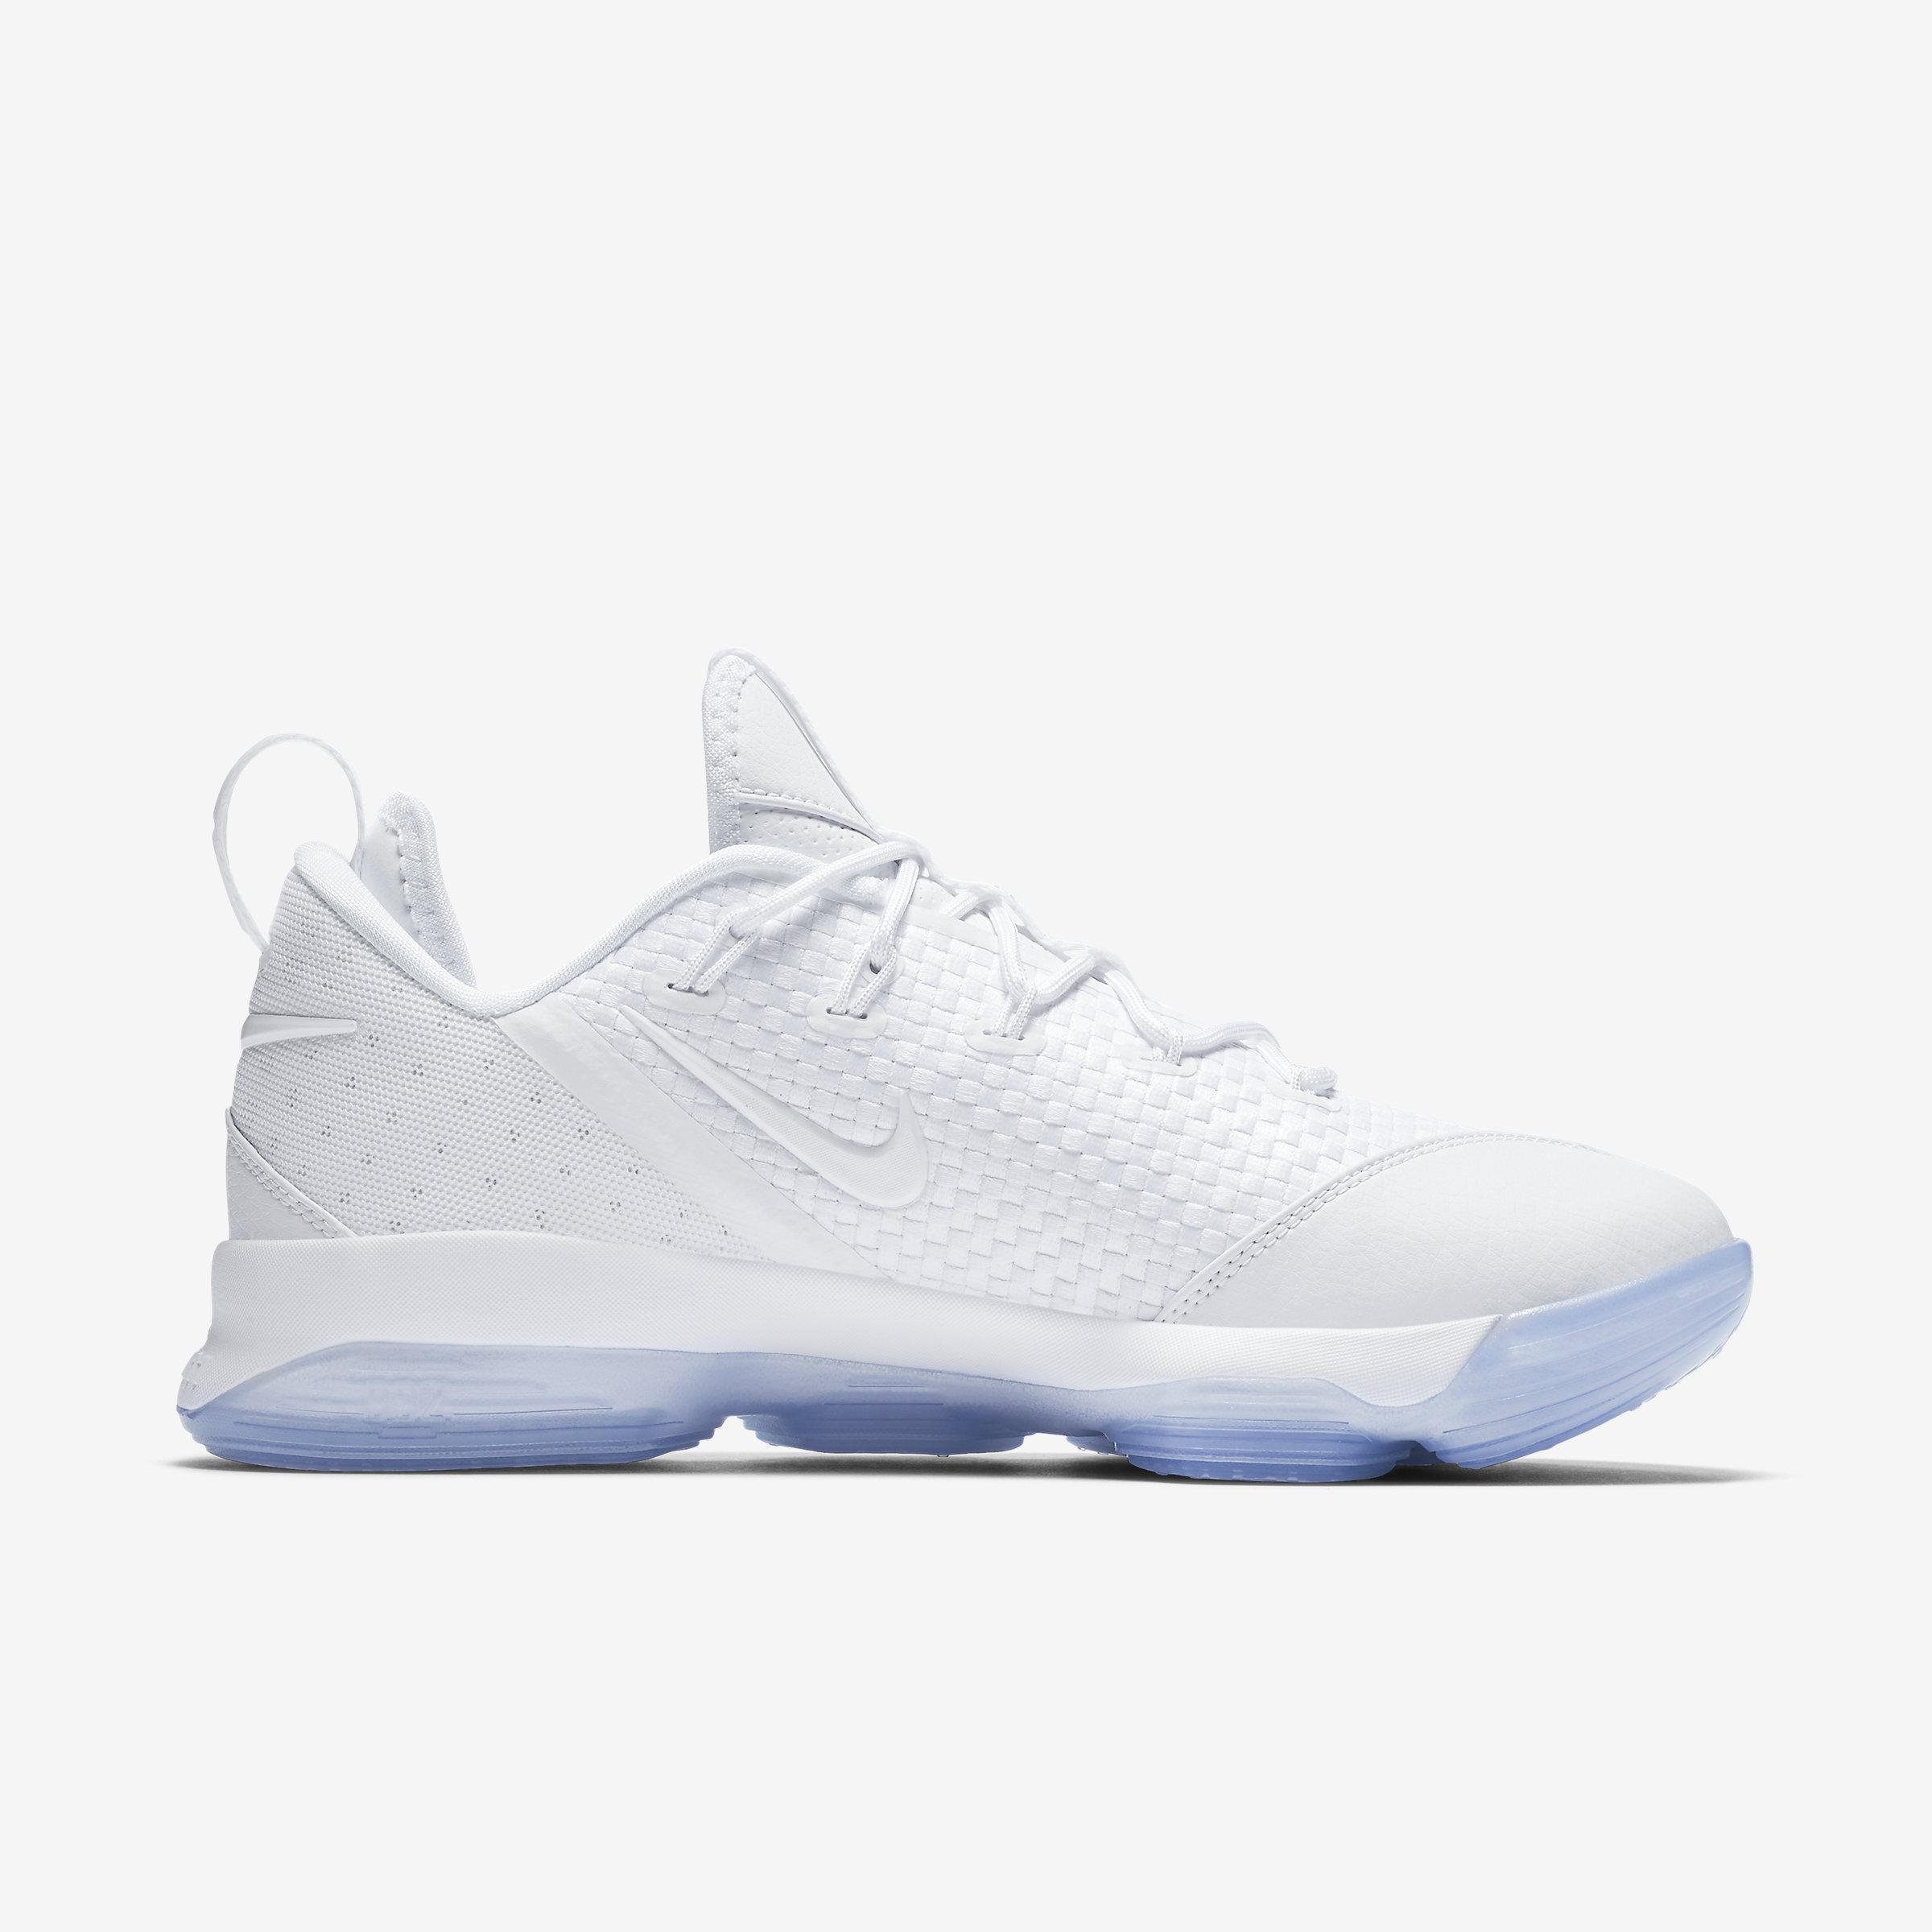 Nike Leather Lebron Xiv Low in White,Ice,White (White) for Men